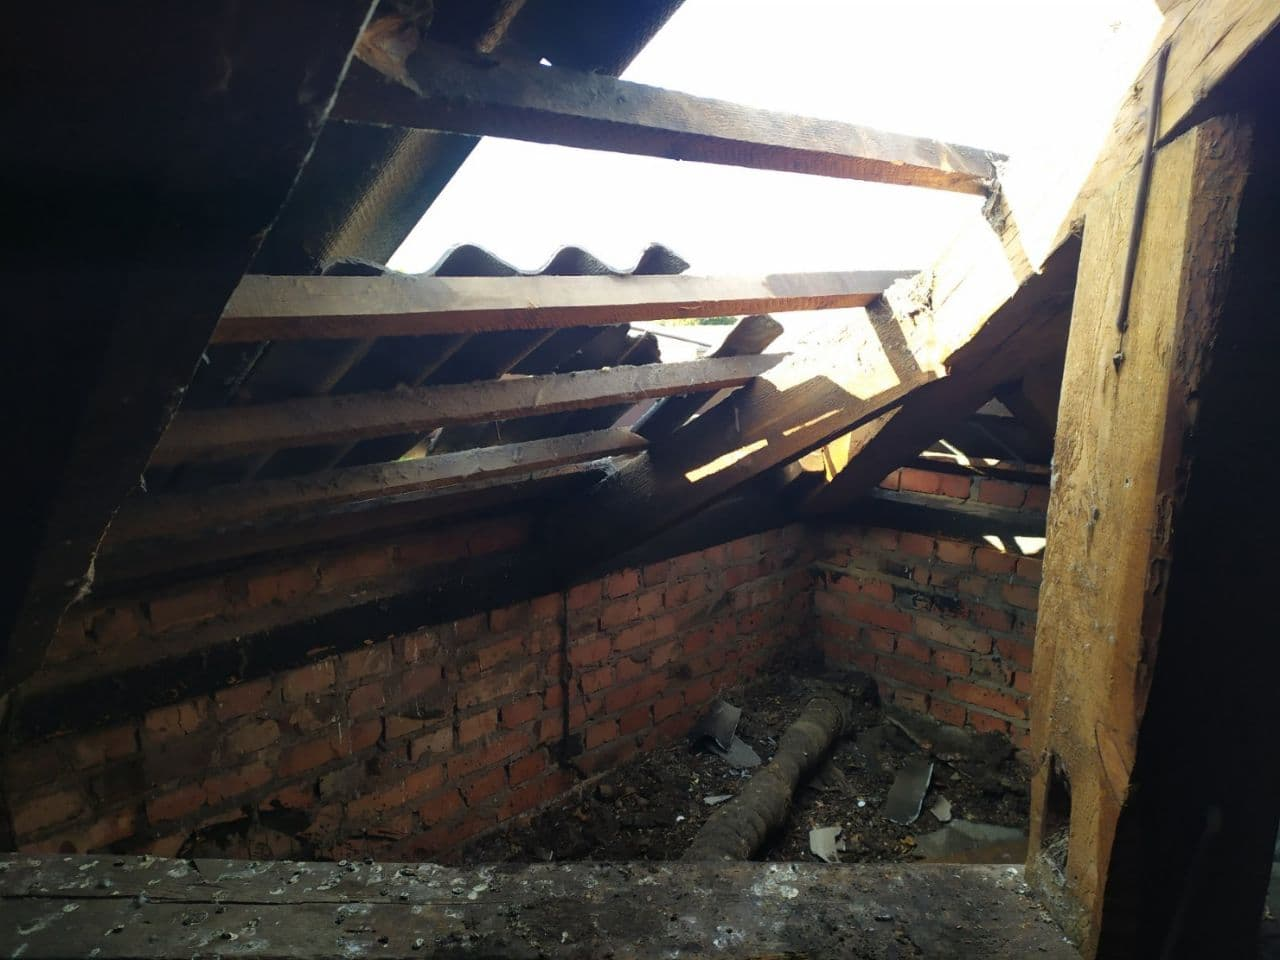 У Чернігові через коротке замикання загорівся дах чотирихповерхового житлового будинку. ФОТО